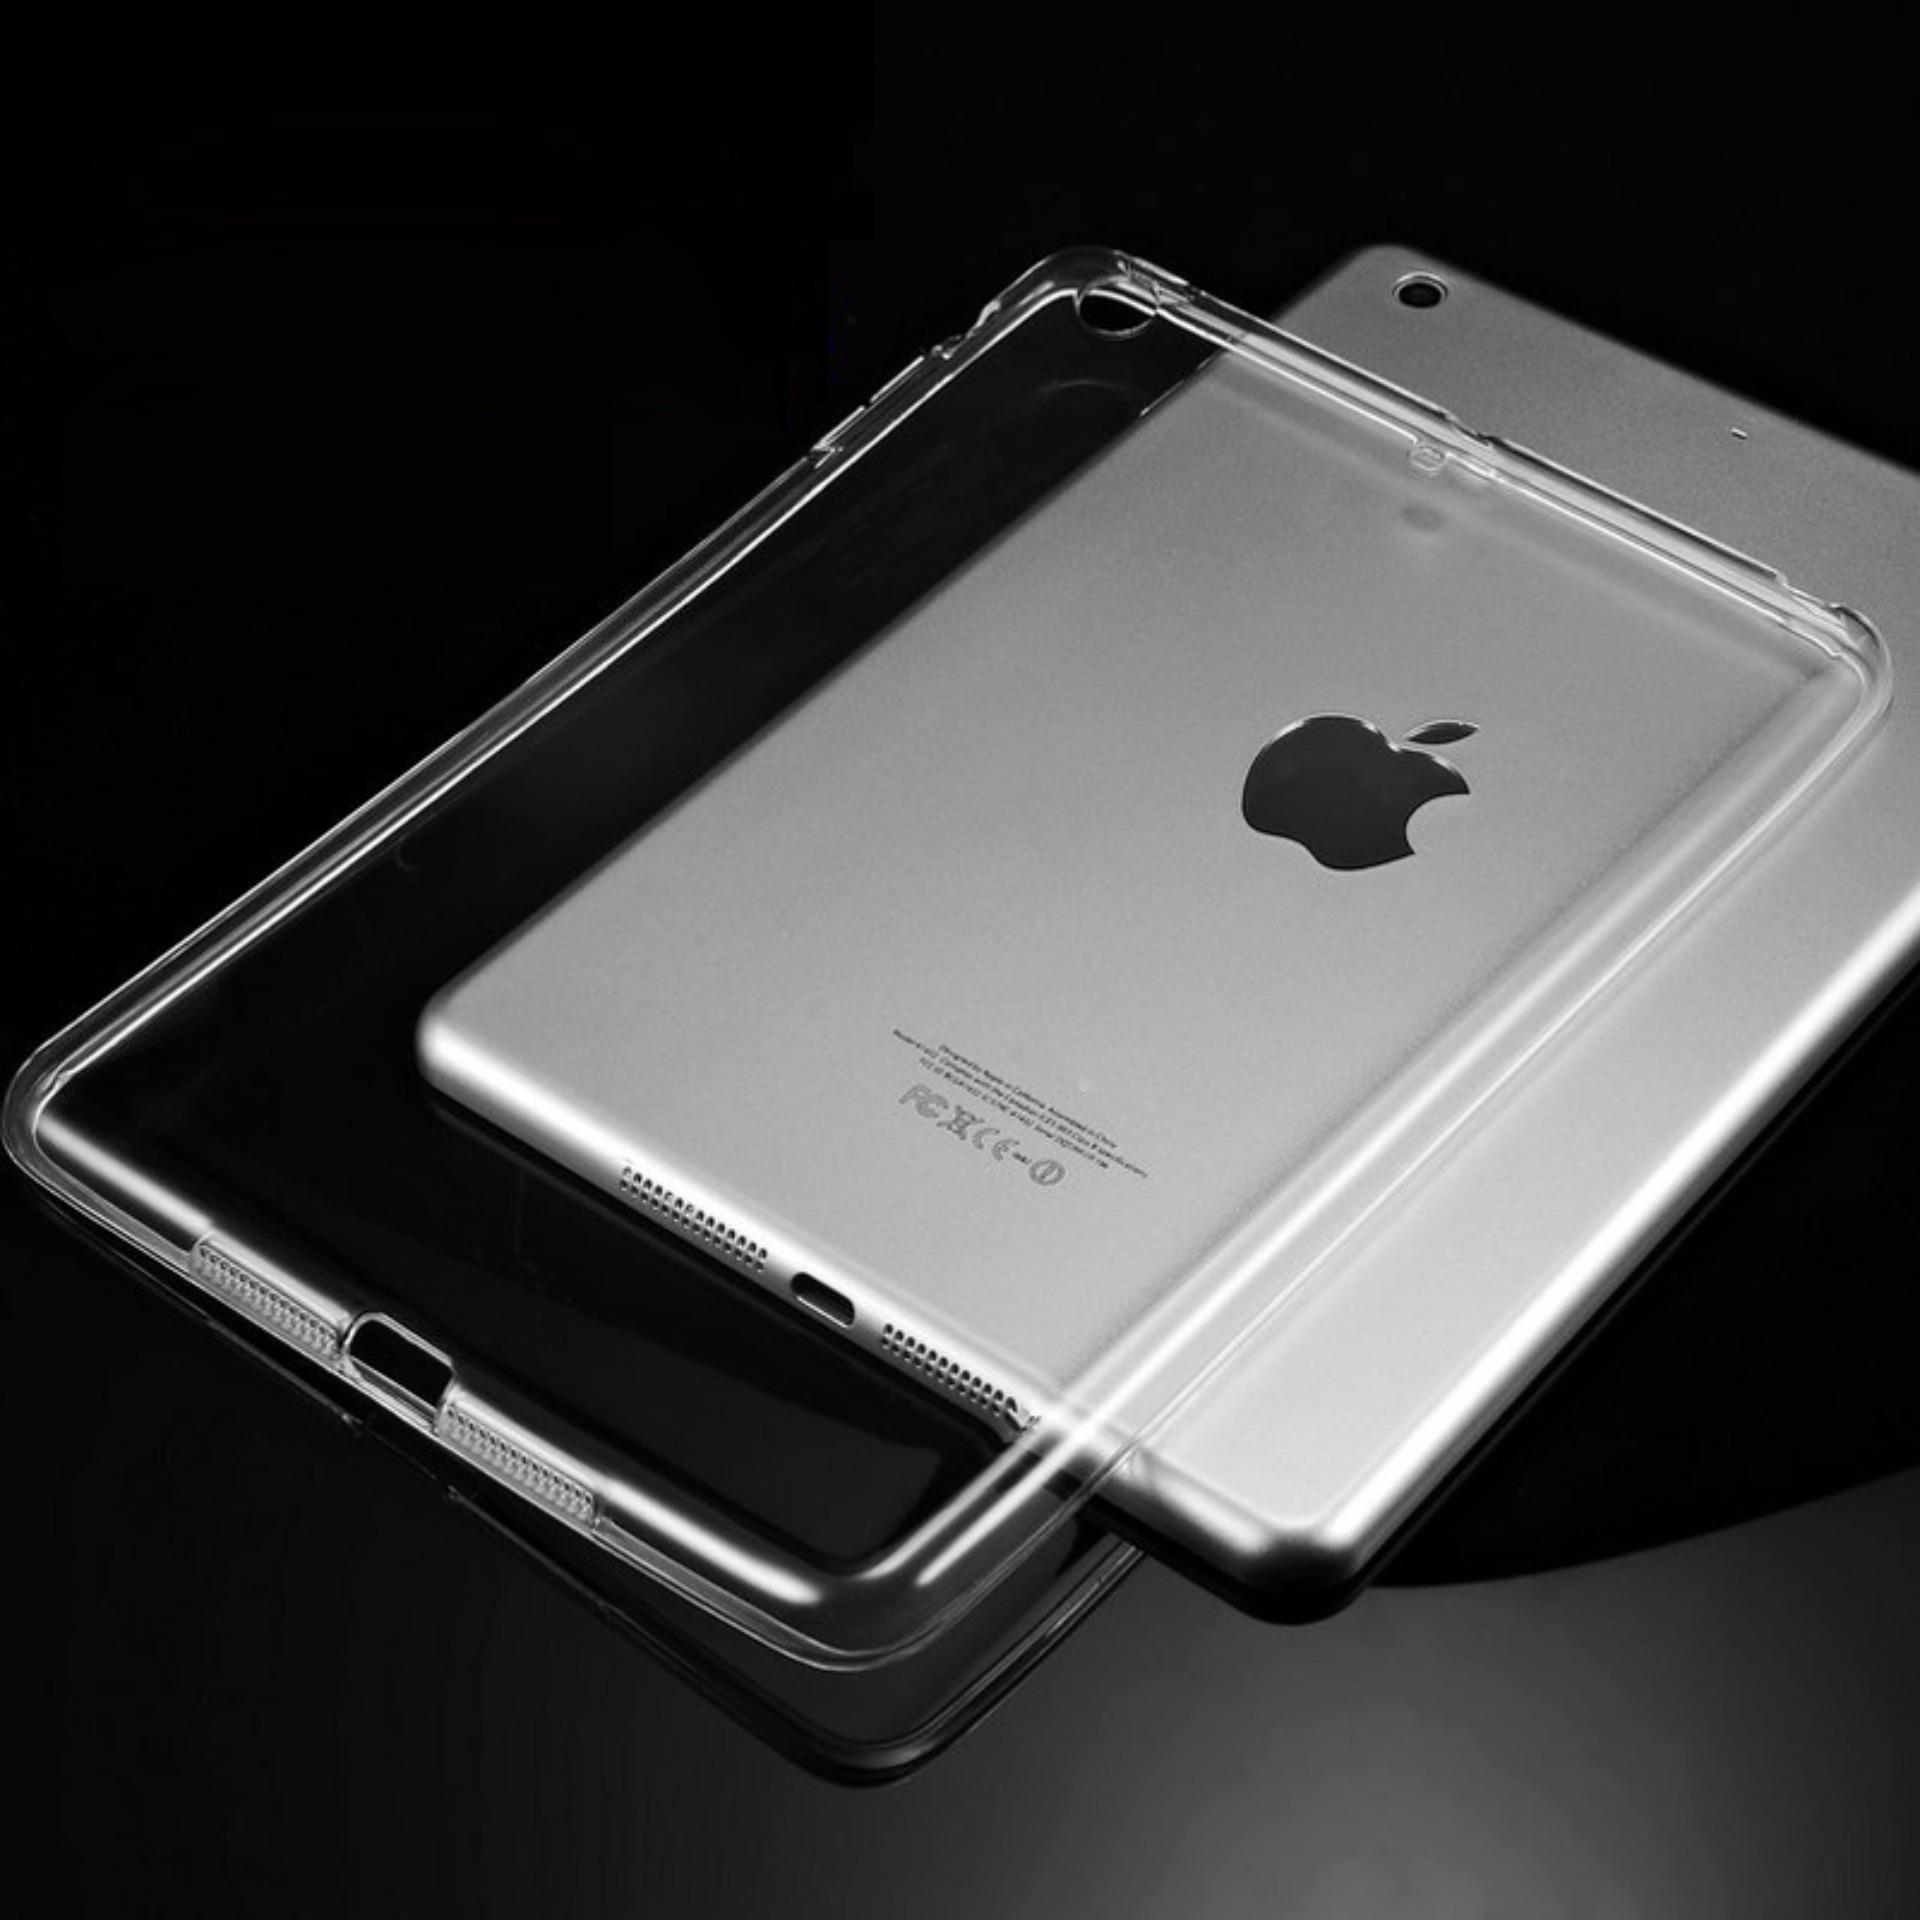 Ốp lưng silicon cho iPad mini 2 ( trong suốt) Nhật Bản